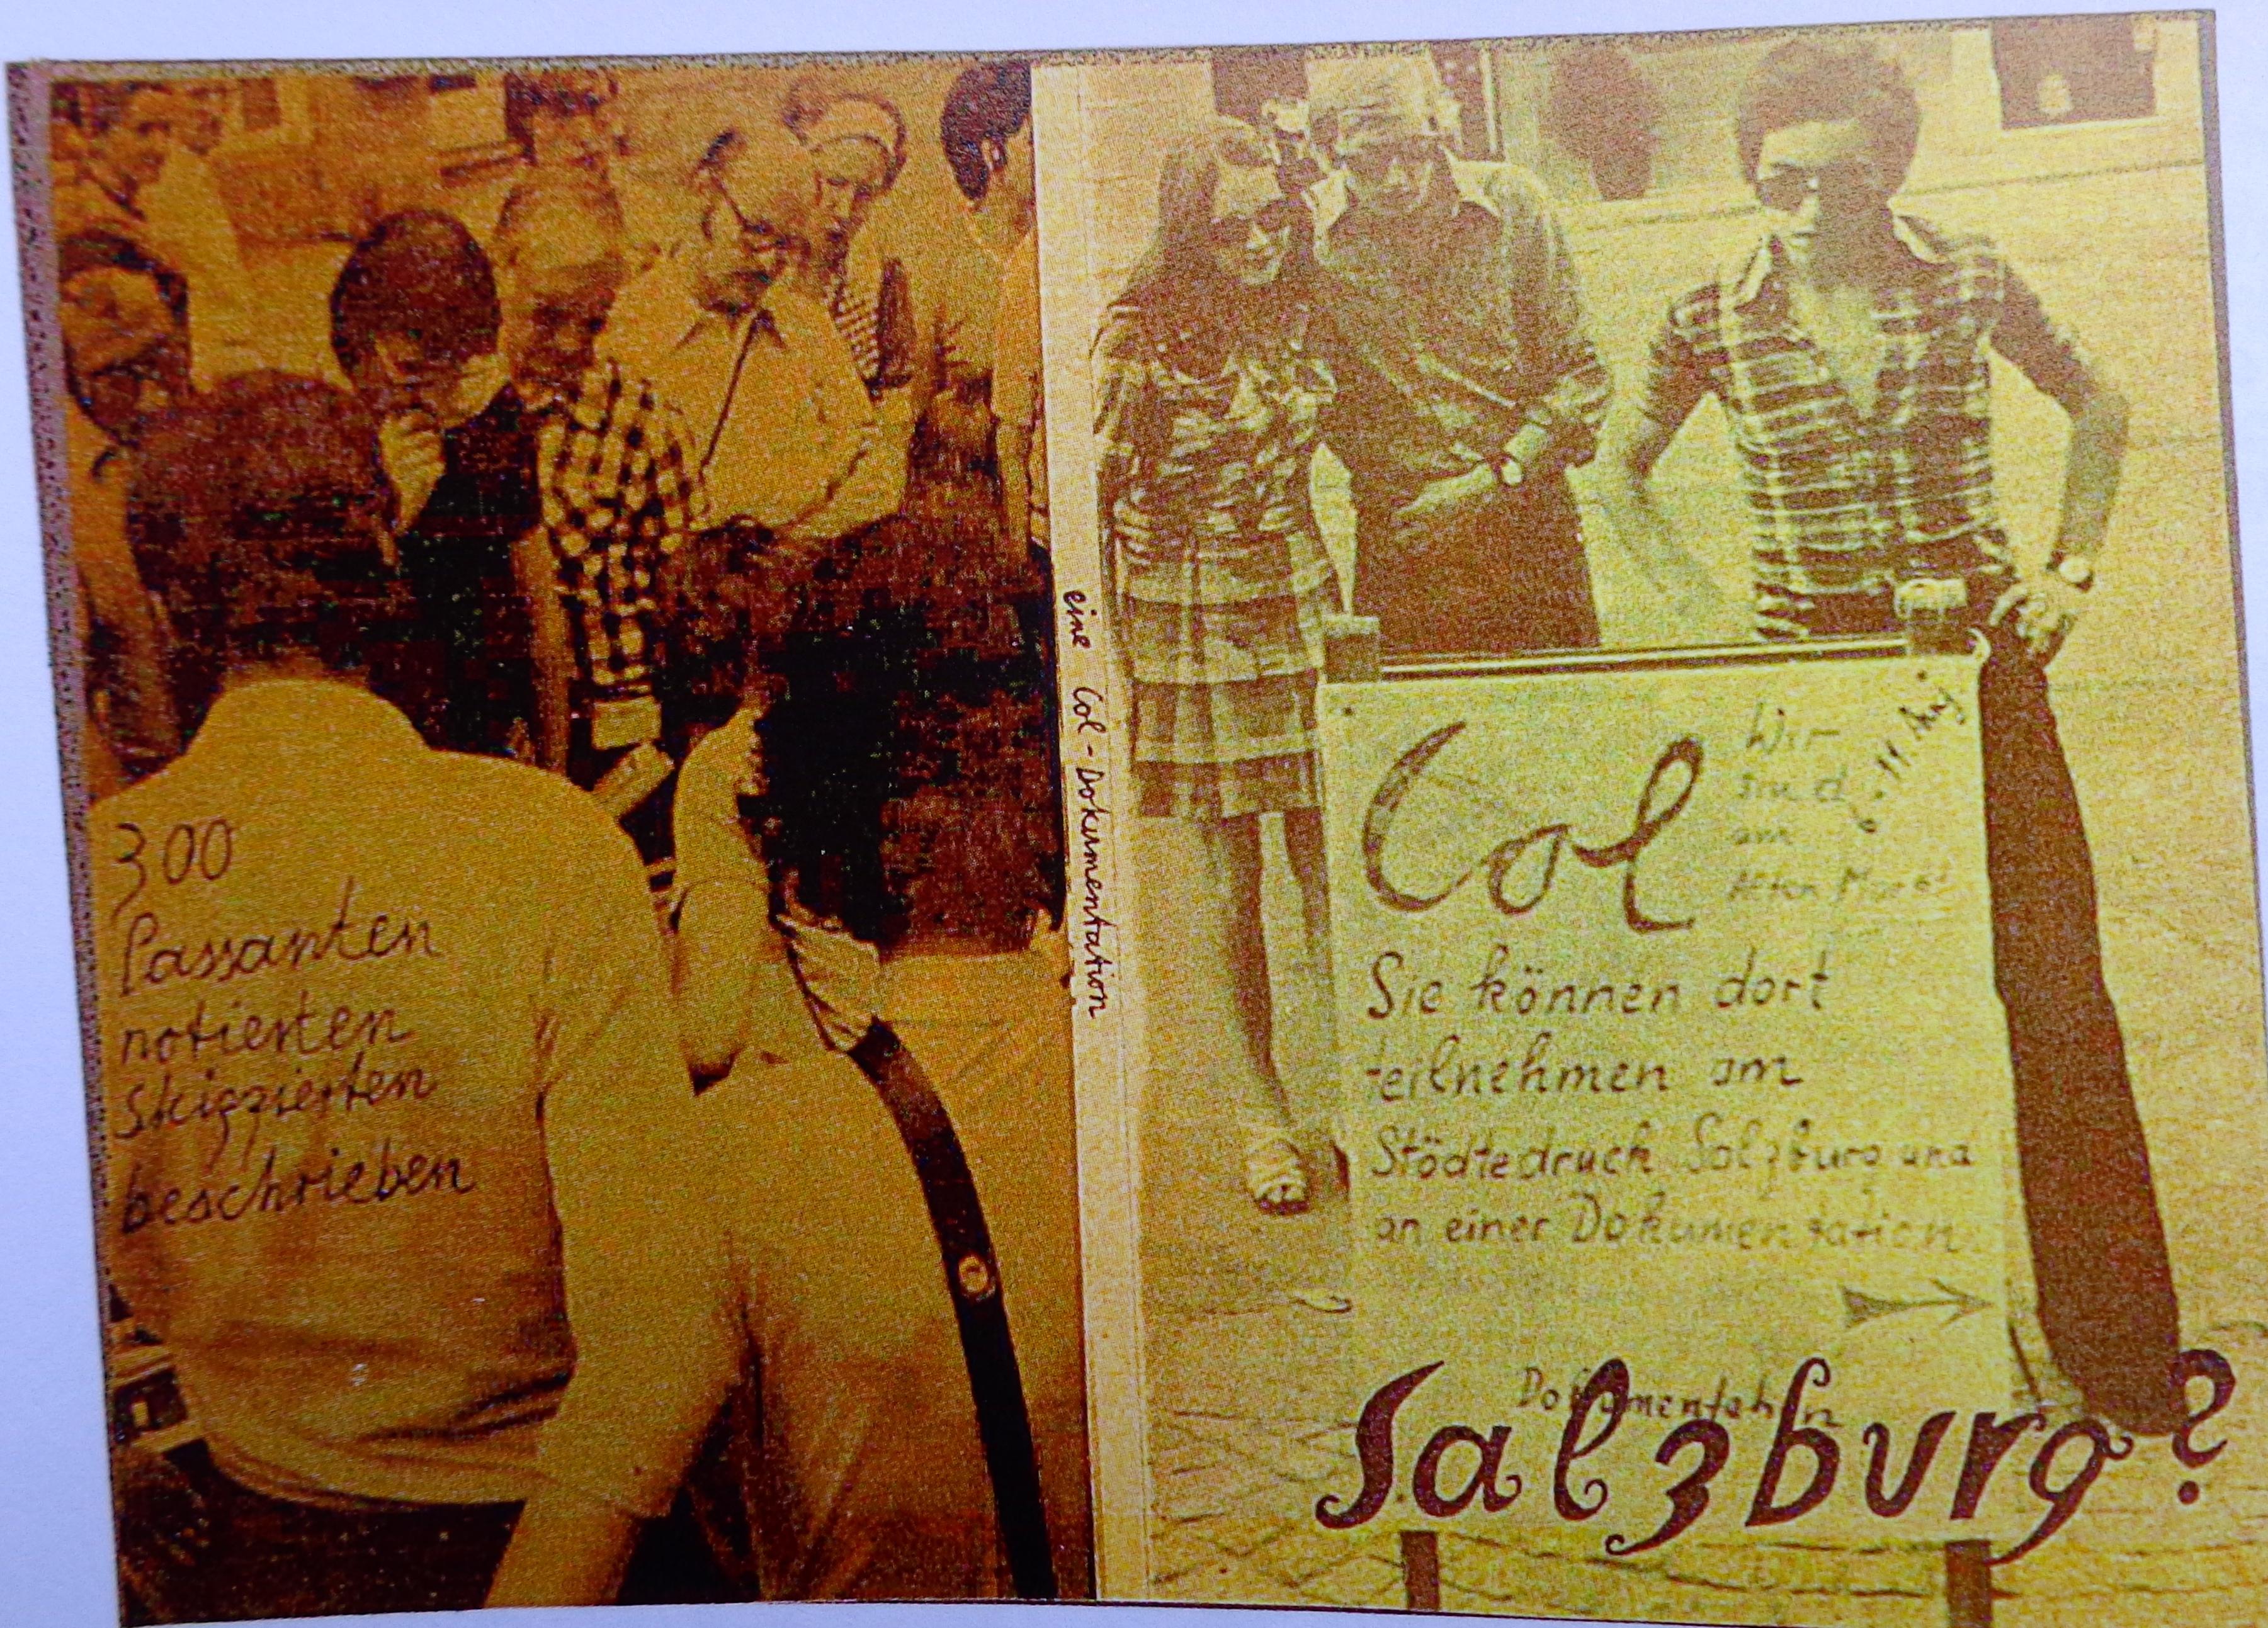 COL-ART  IN SALZBURG 1973